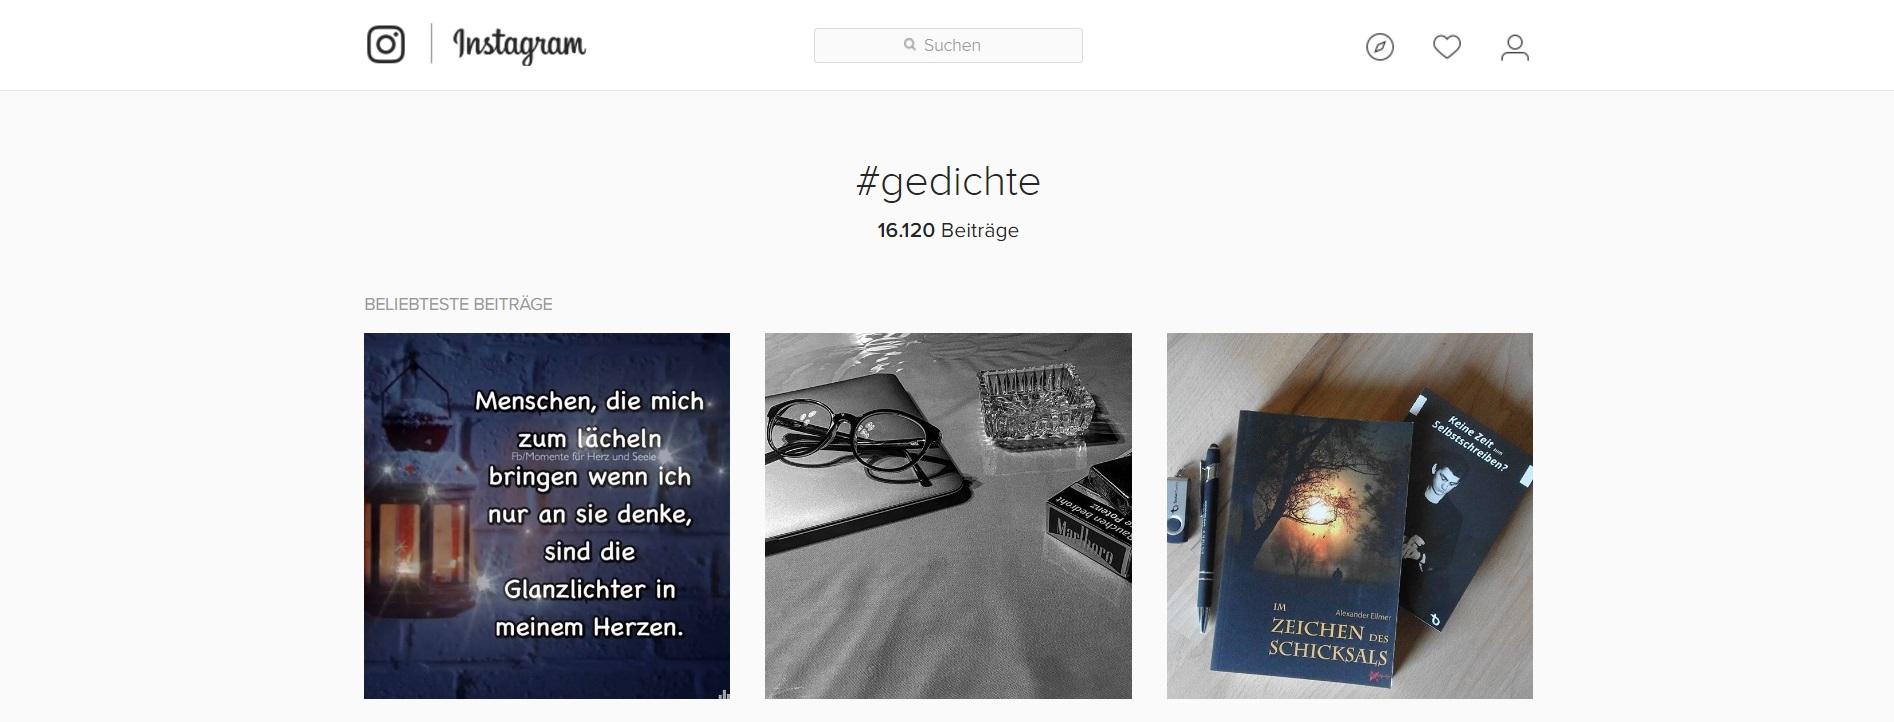 Suche Hashtag